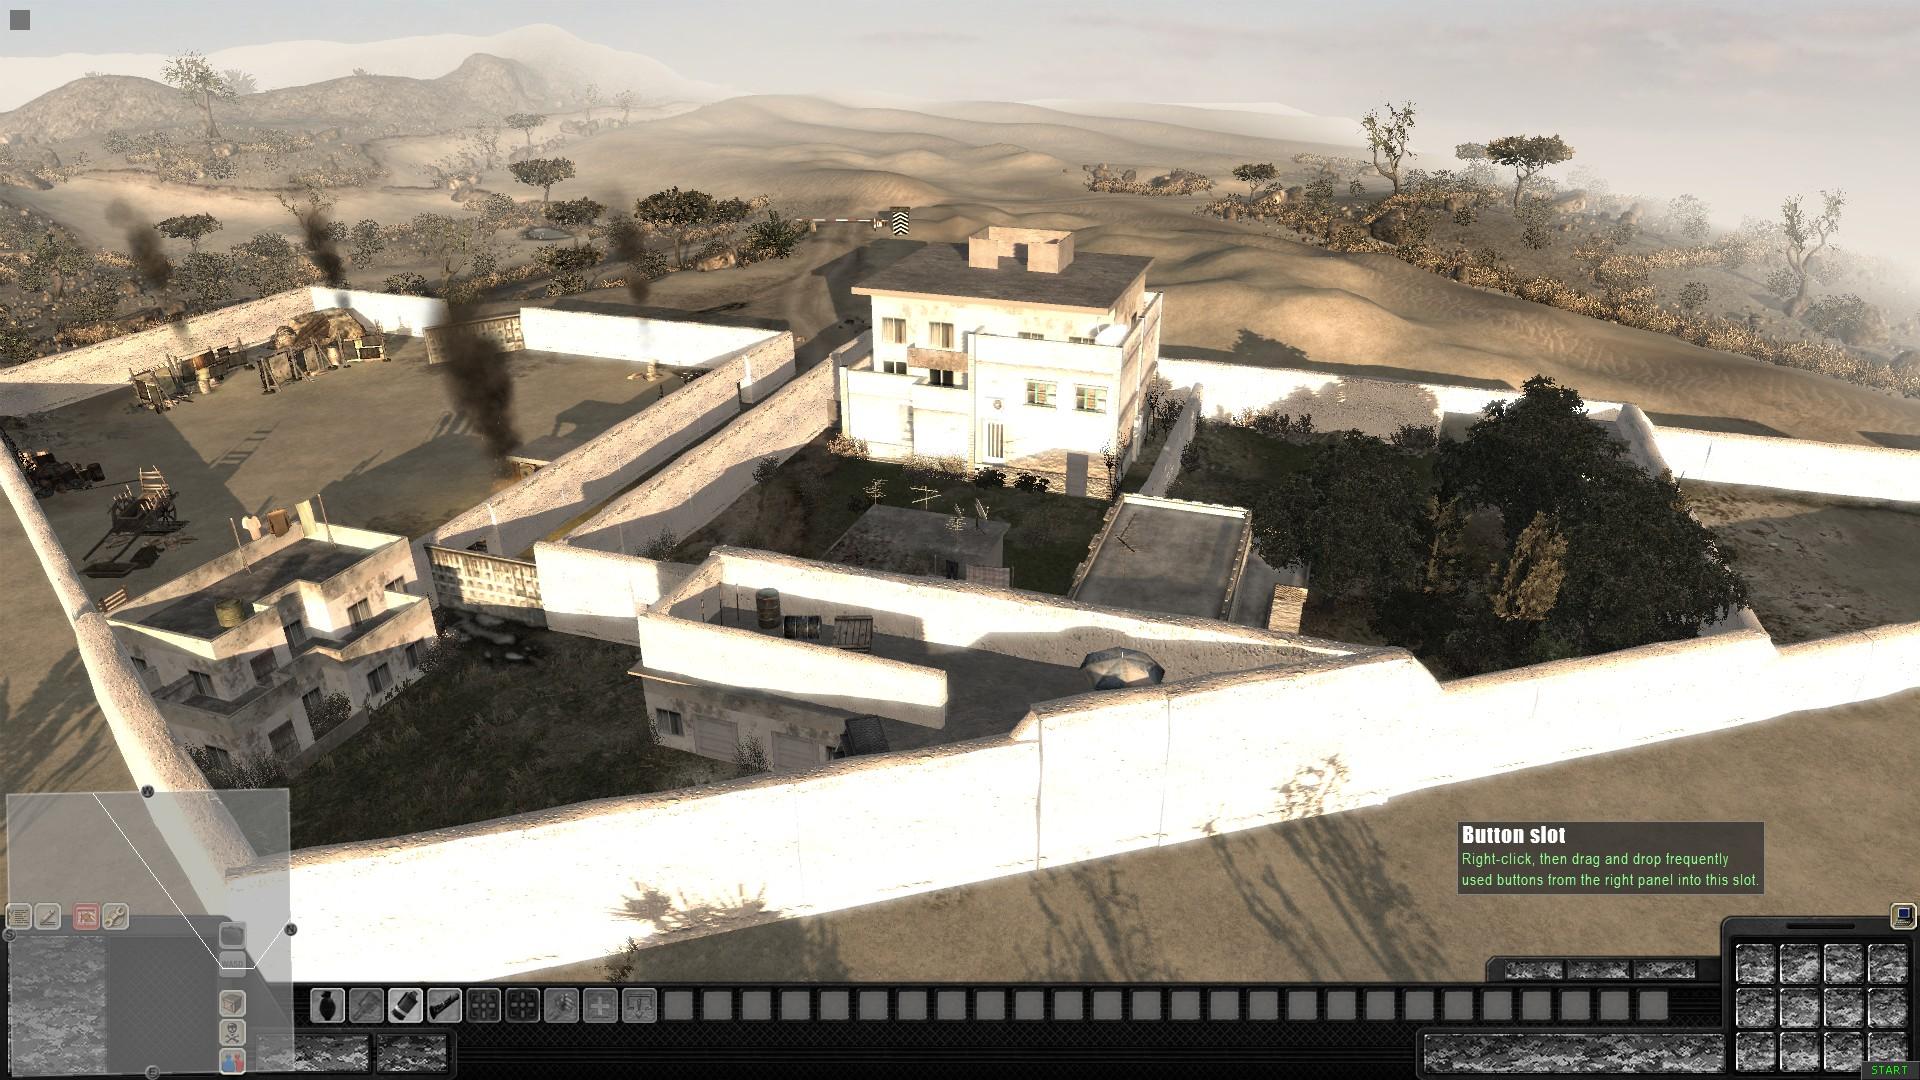 Скачать Усама бен-Ладена (карта для Modern Pack 3) — бесплатно